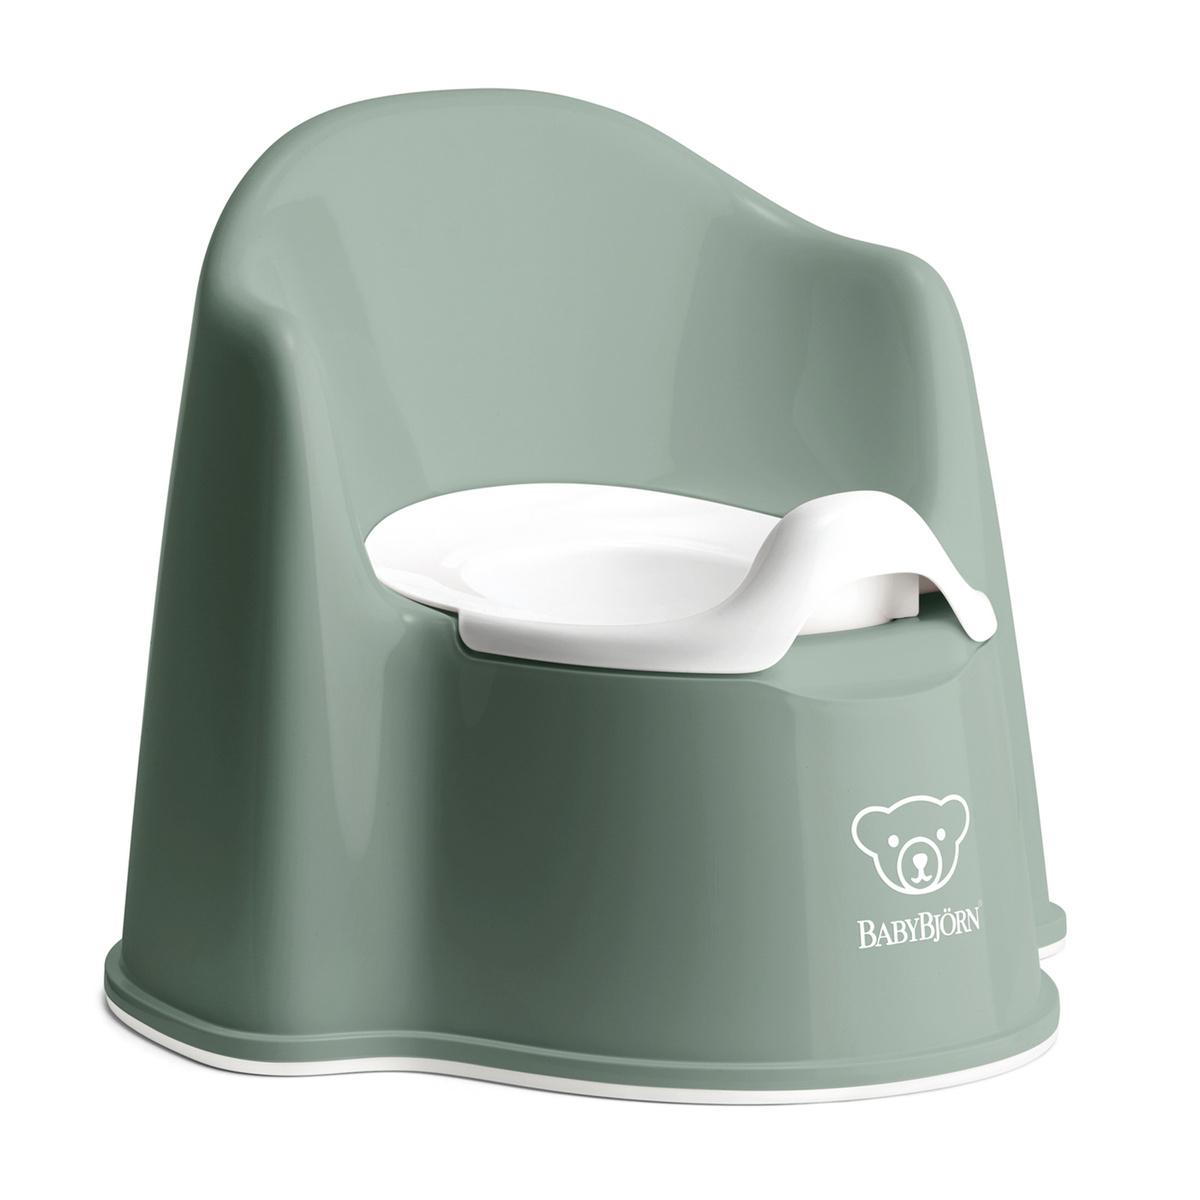 BabyBjorn Горшок-кресло, цвет: зеленый #1